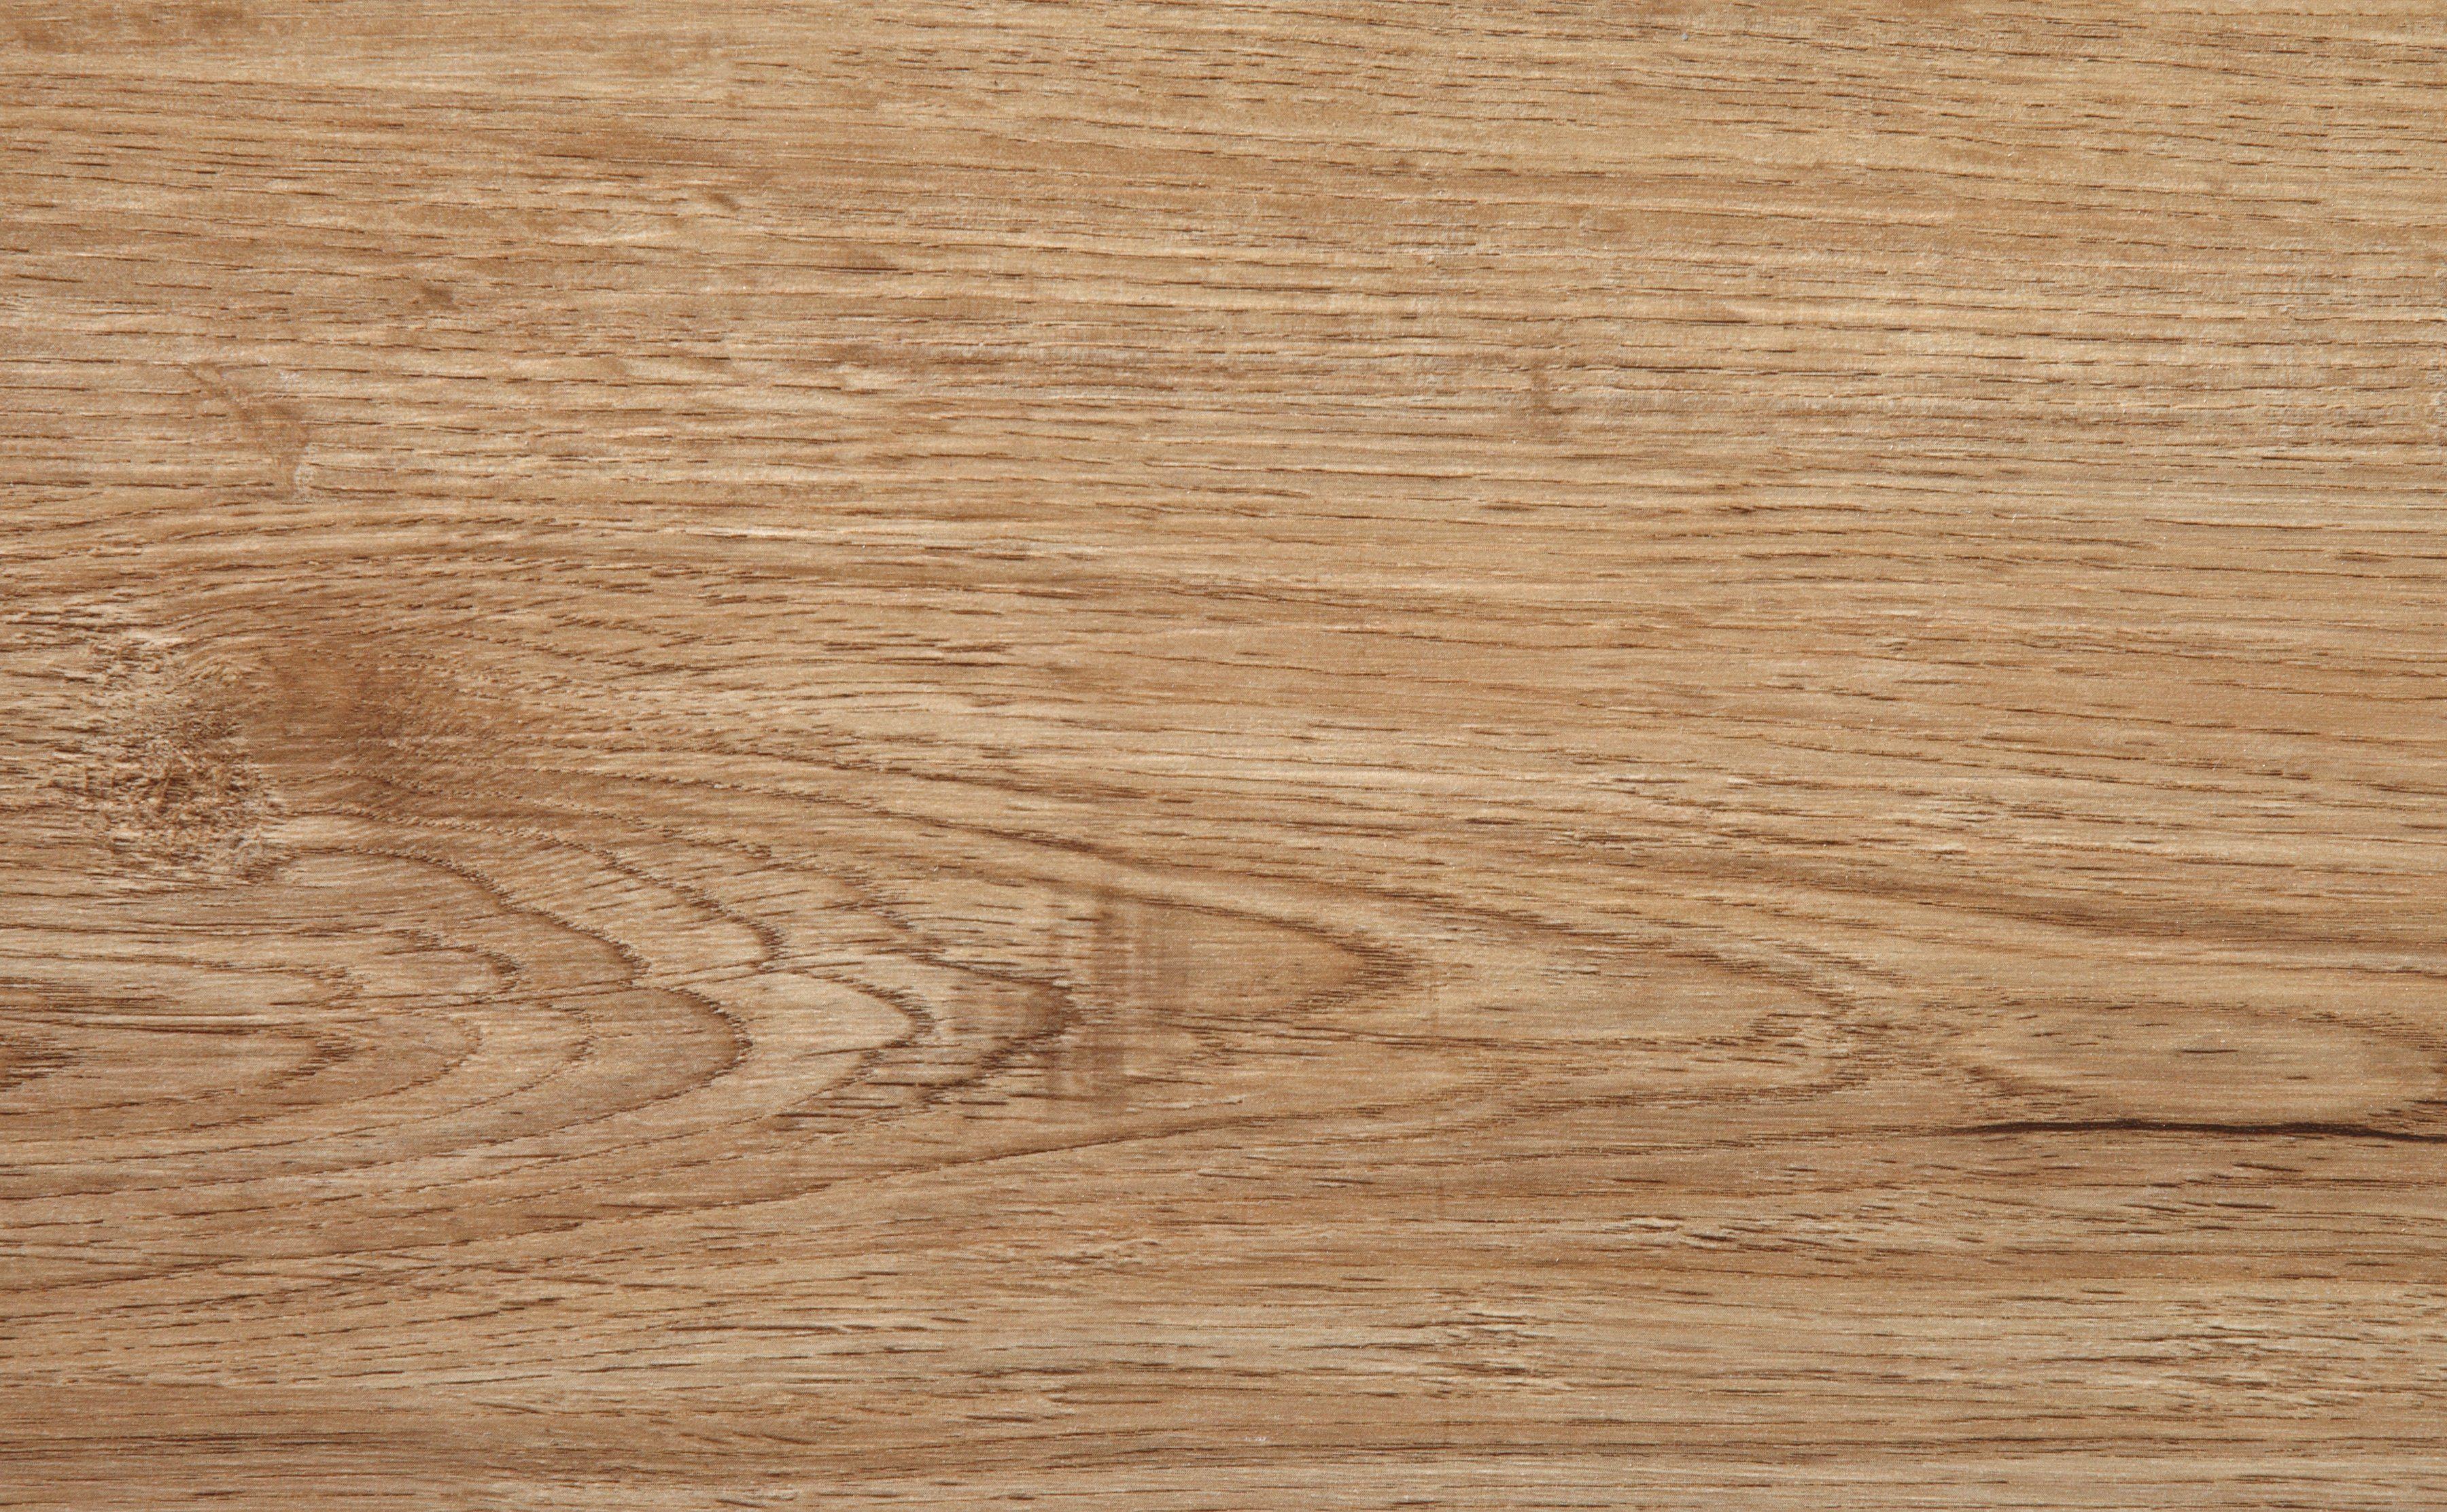 Vinylboden, Stärke 3,2 mm, Eiche beige Nachbildung